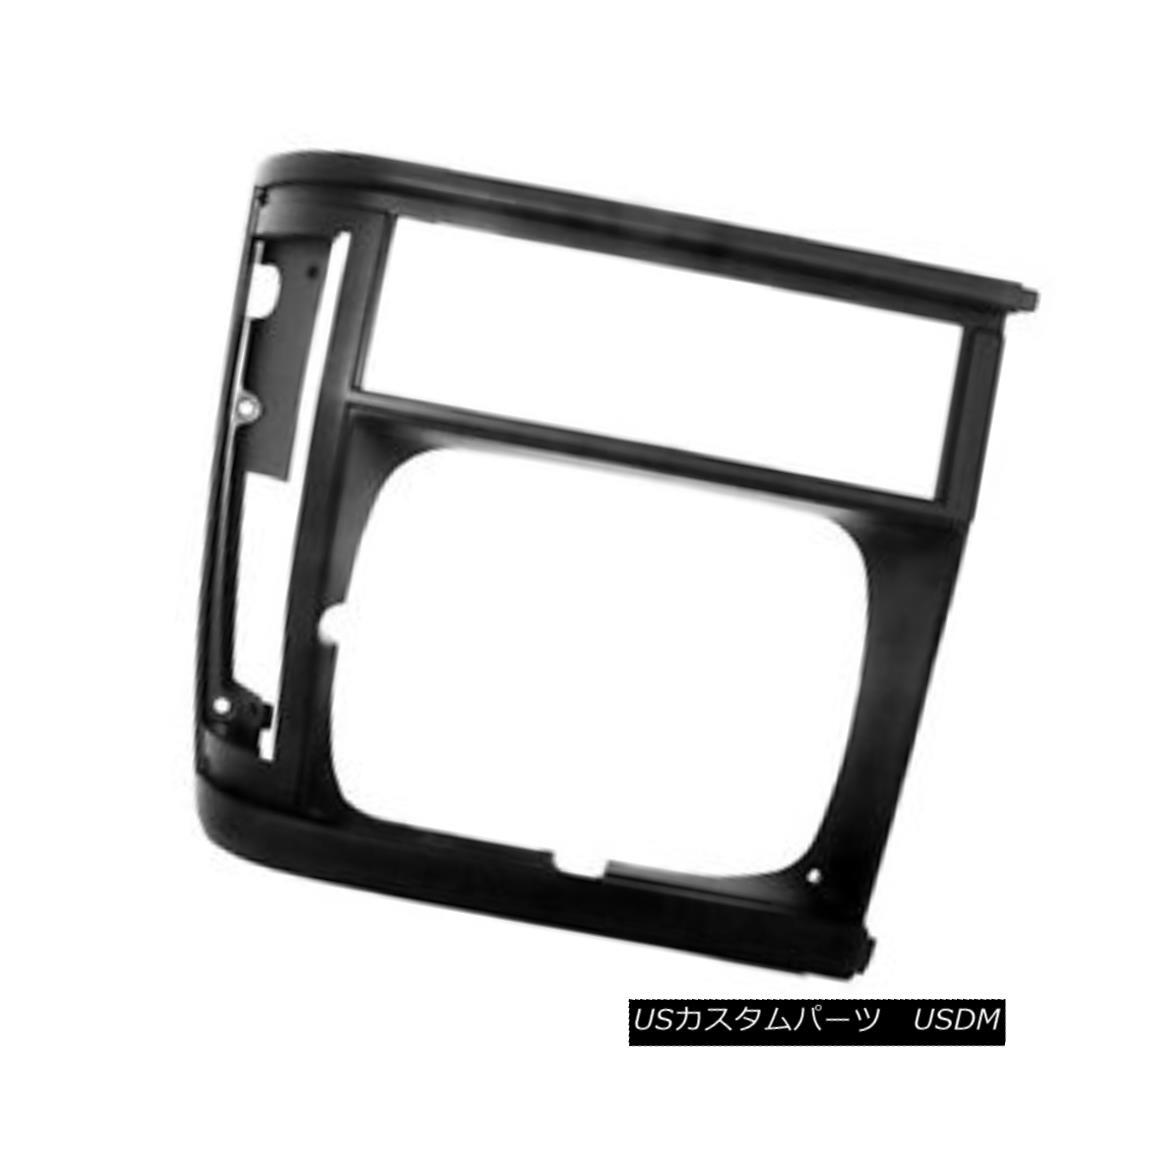 グリル New Replacement Headlight Door Black Driver Side for Single Lamp 630-00972B 単一のランプ630-00972Bのための新しい交換ヘッドライトドアブラックドライバ側